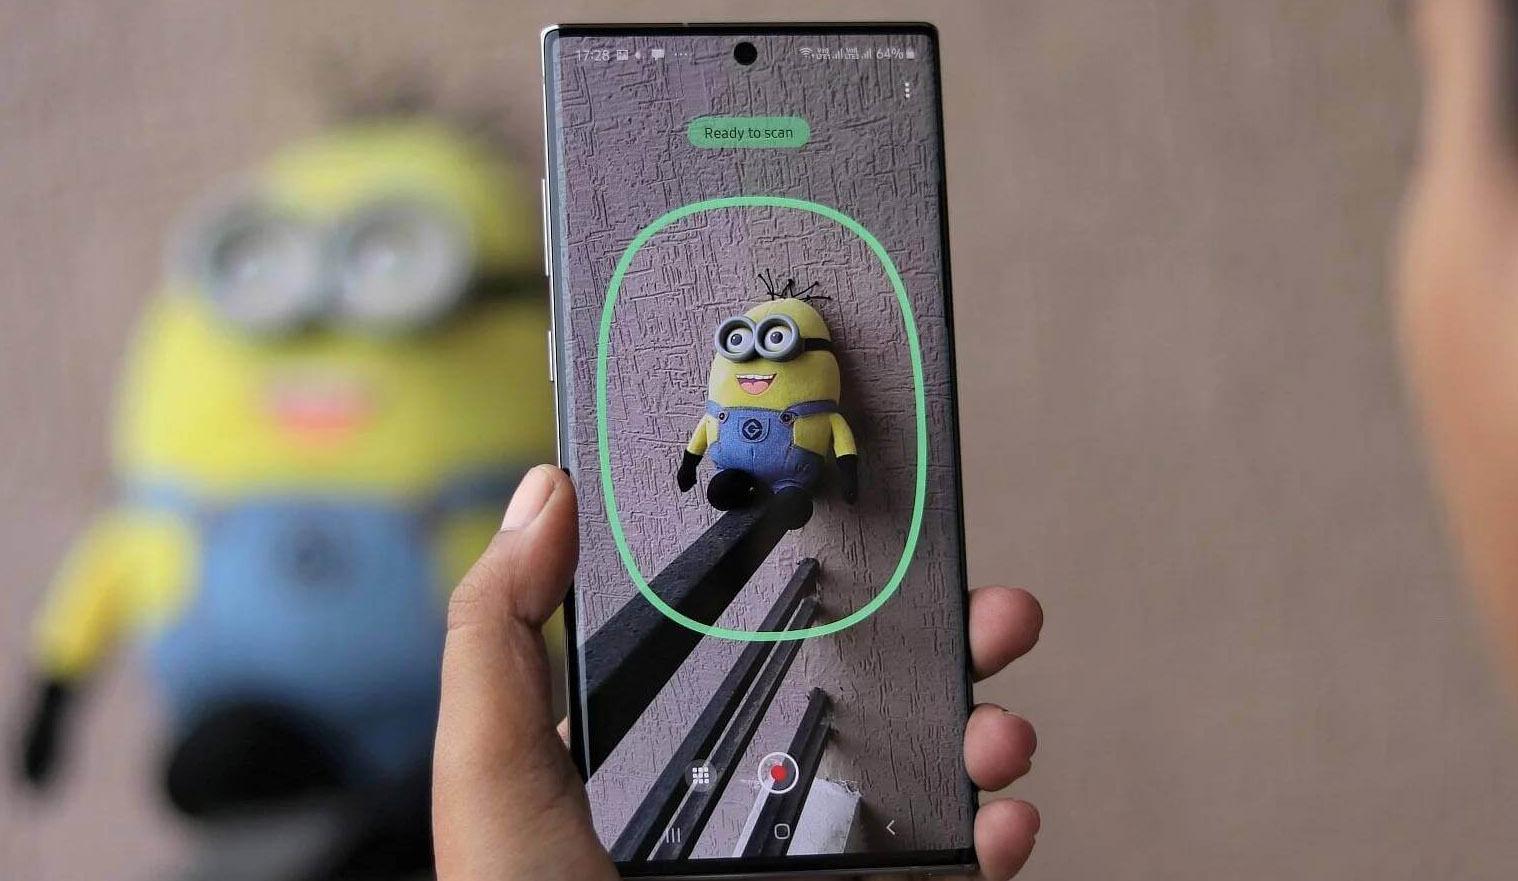 แอปพลิเคชั่น 3D Scanner สำหรับ Galaxy Note10+